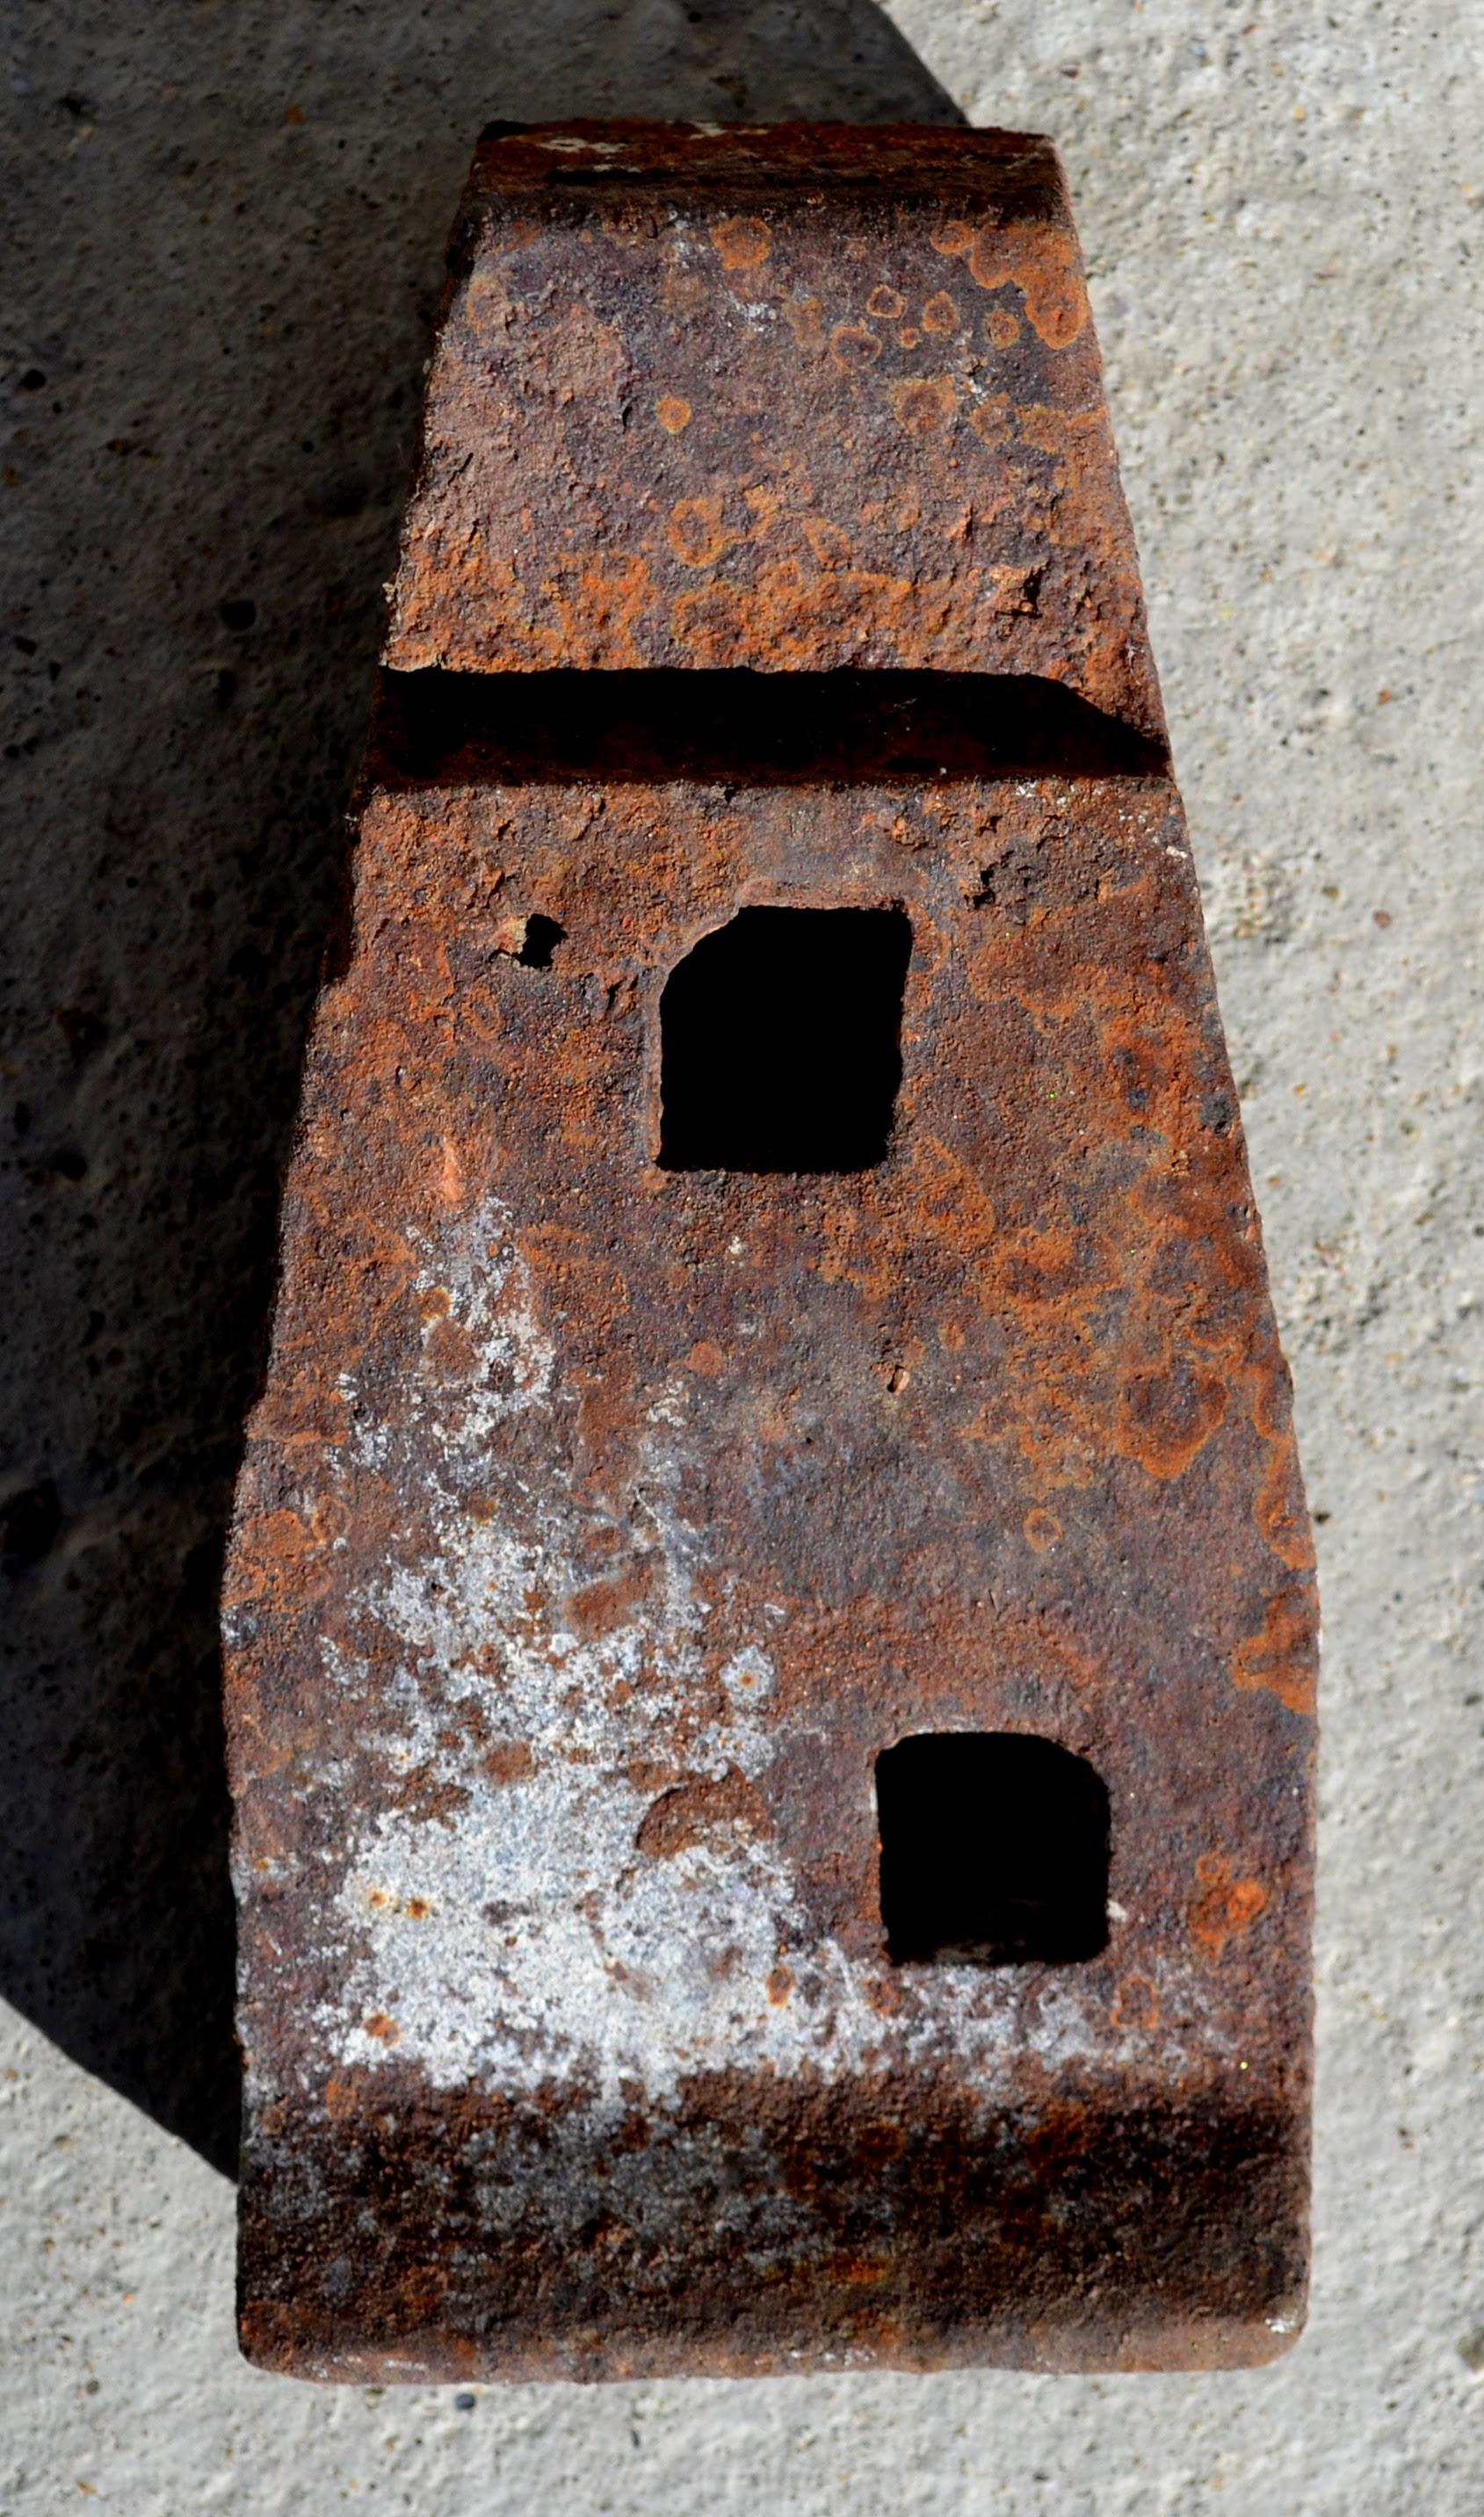 Rail stabilizer